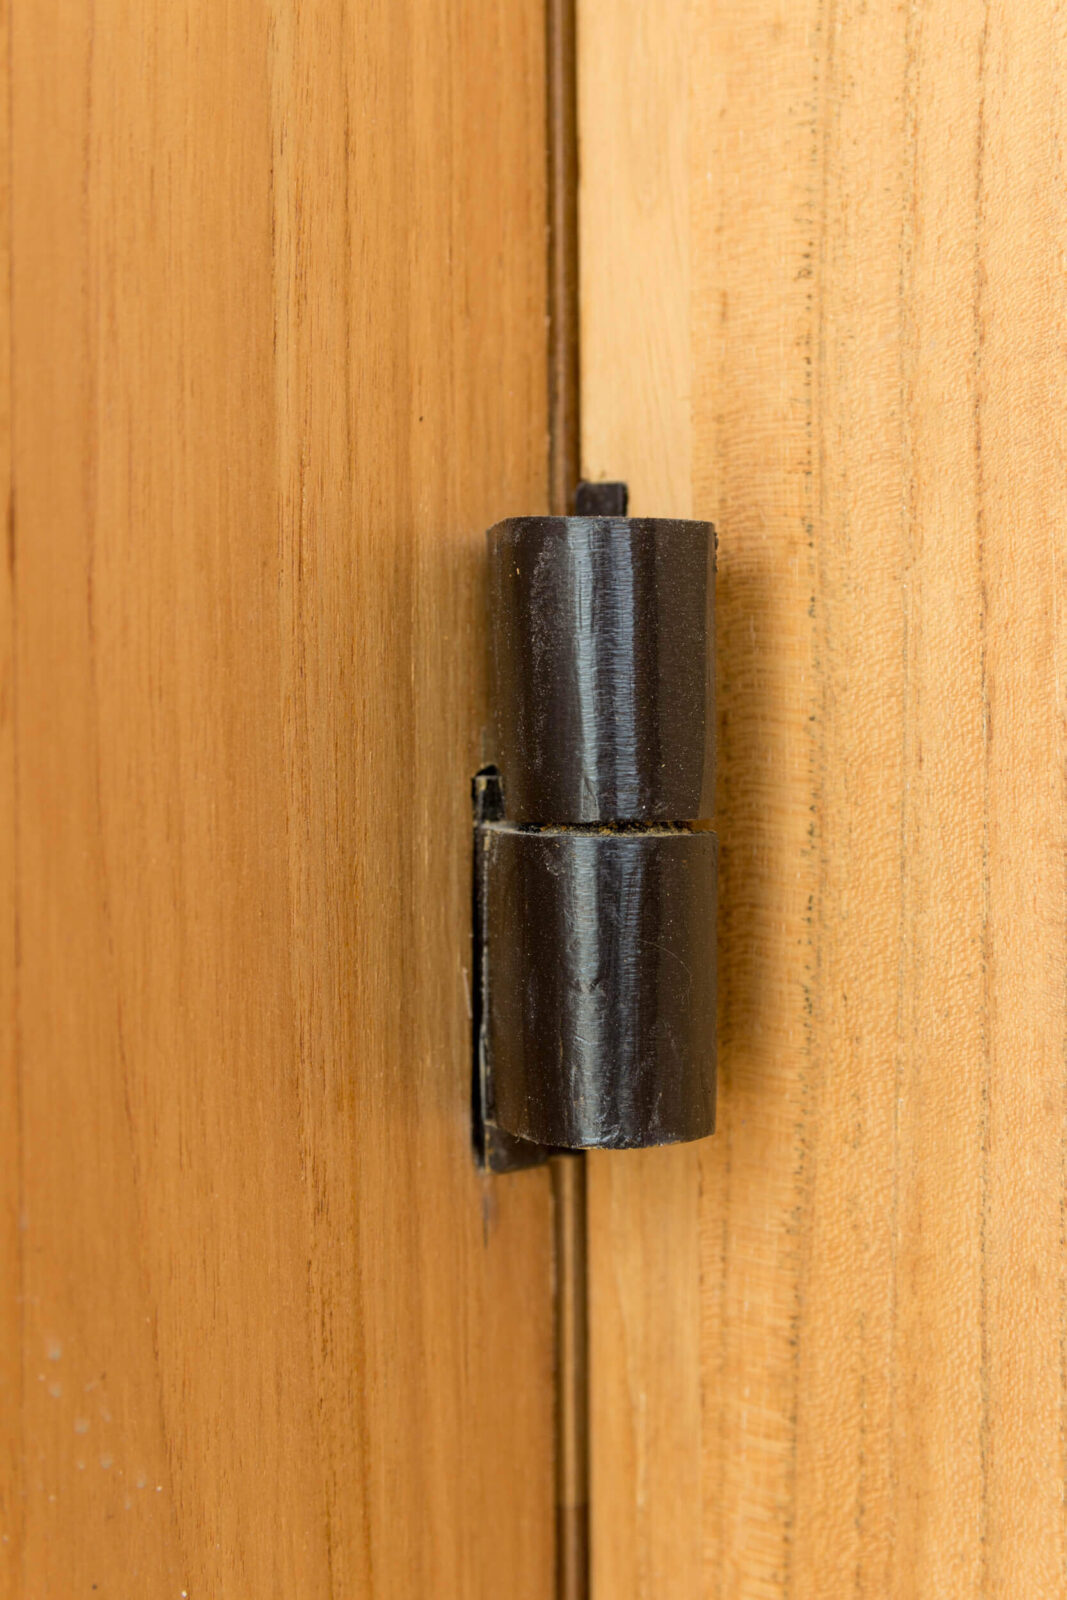 TEAK DOORS DETAIL OF HINGES.